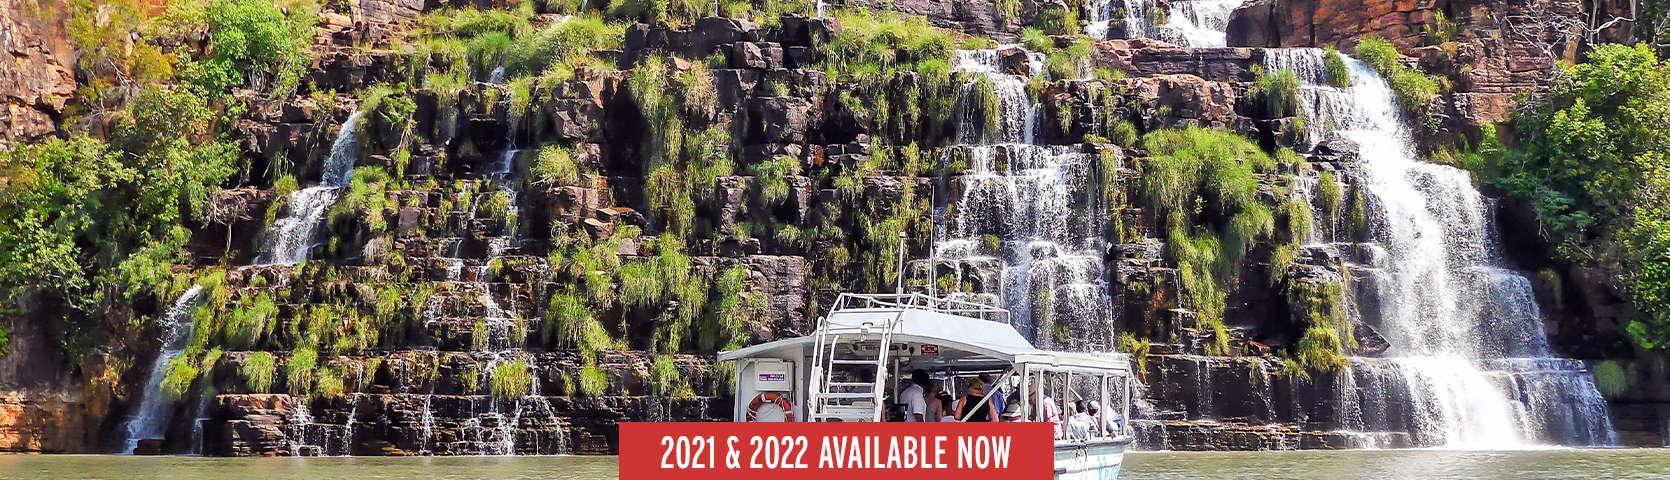 Kimberley 2021 & 2022 Waterfalls (2)